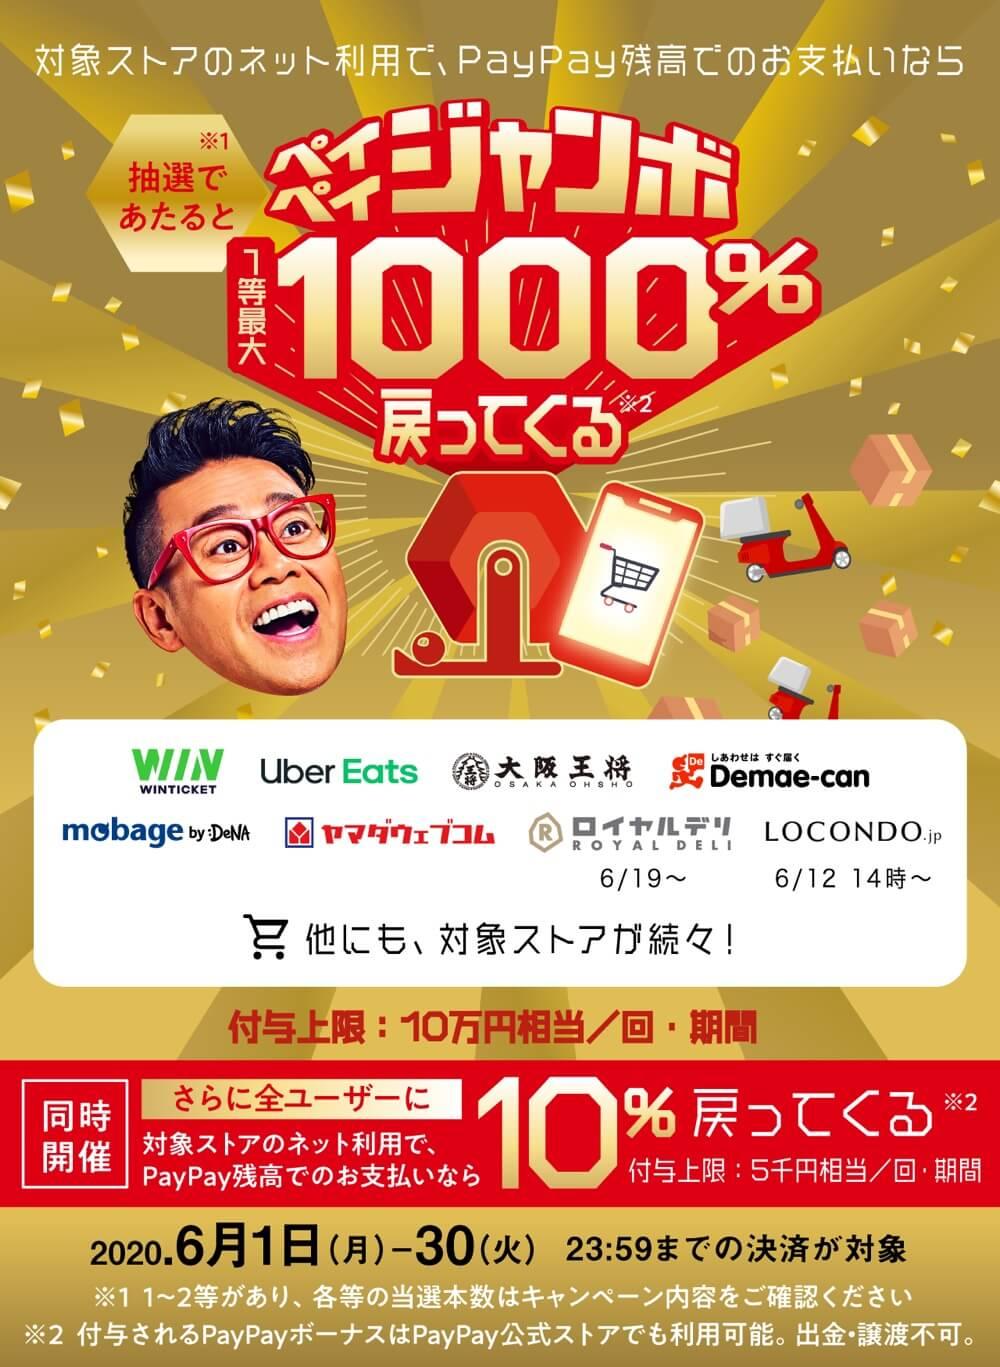 ペイペイジャンボ(オンライン)&最大10%戻ってくるキャンペーン